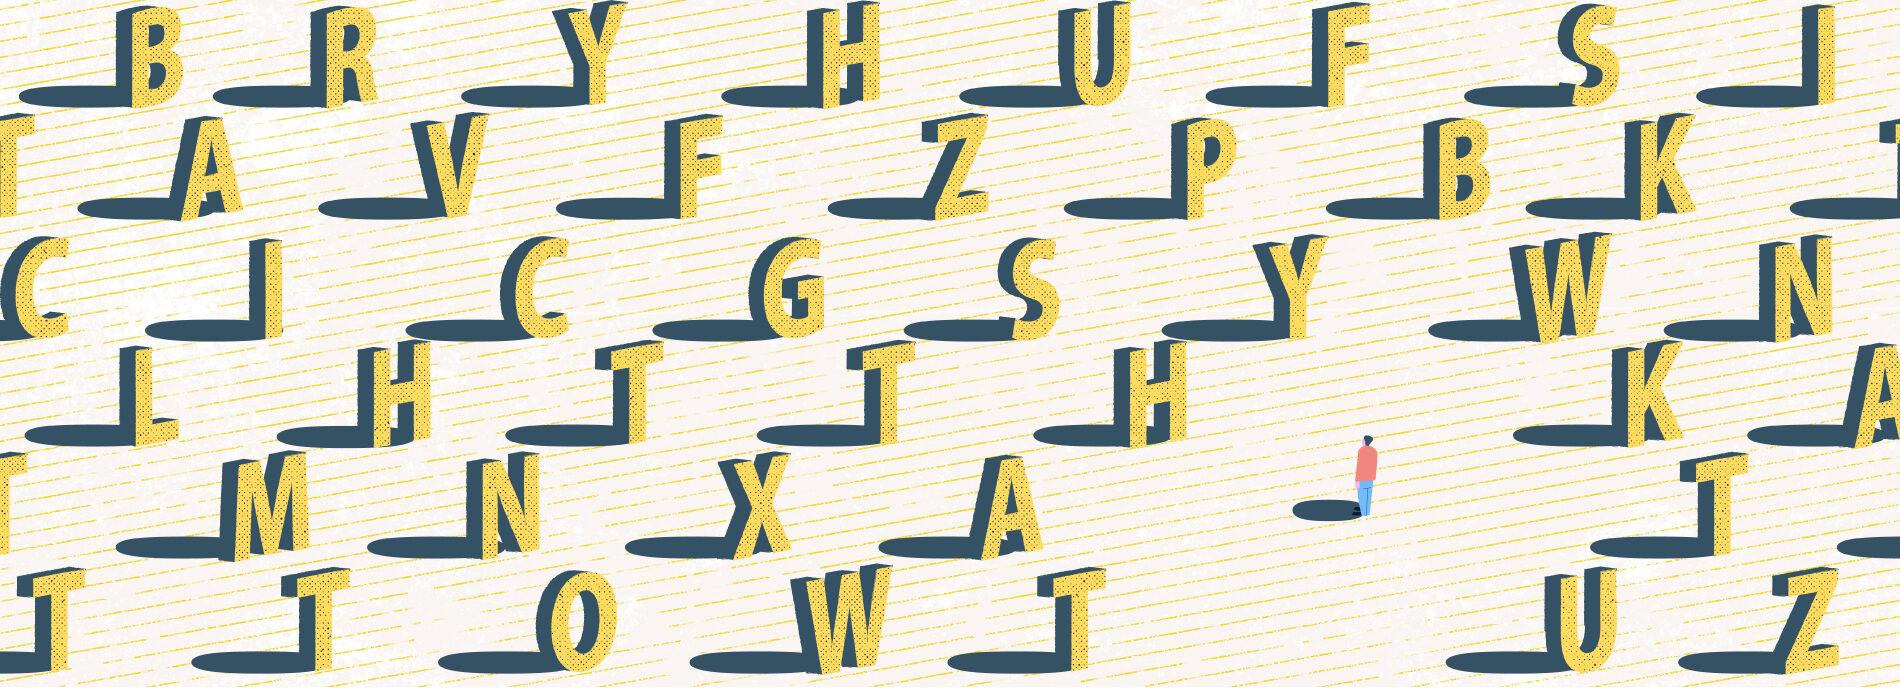 lone figure is dwarfed by field of letters